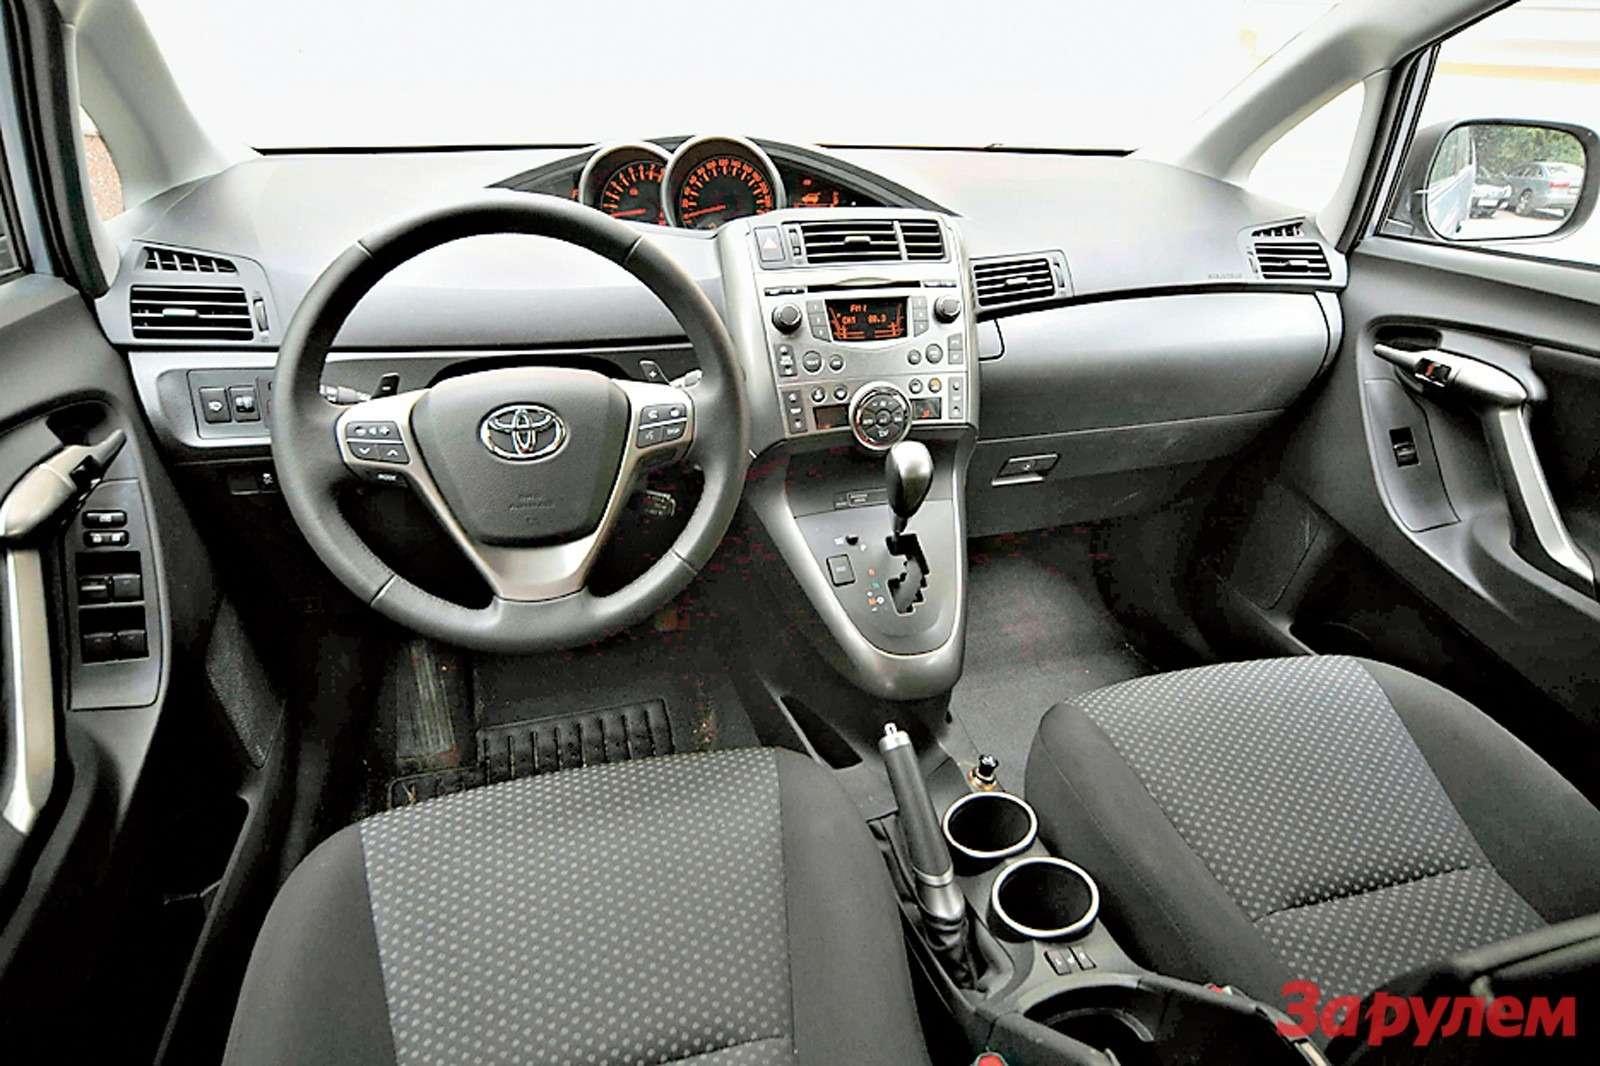 «Тойота-Версо-1,8СVT-Престиж», от1029000 руб., КАР от8,29 руб./км